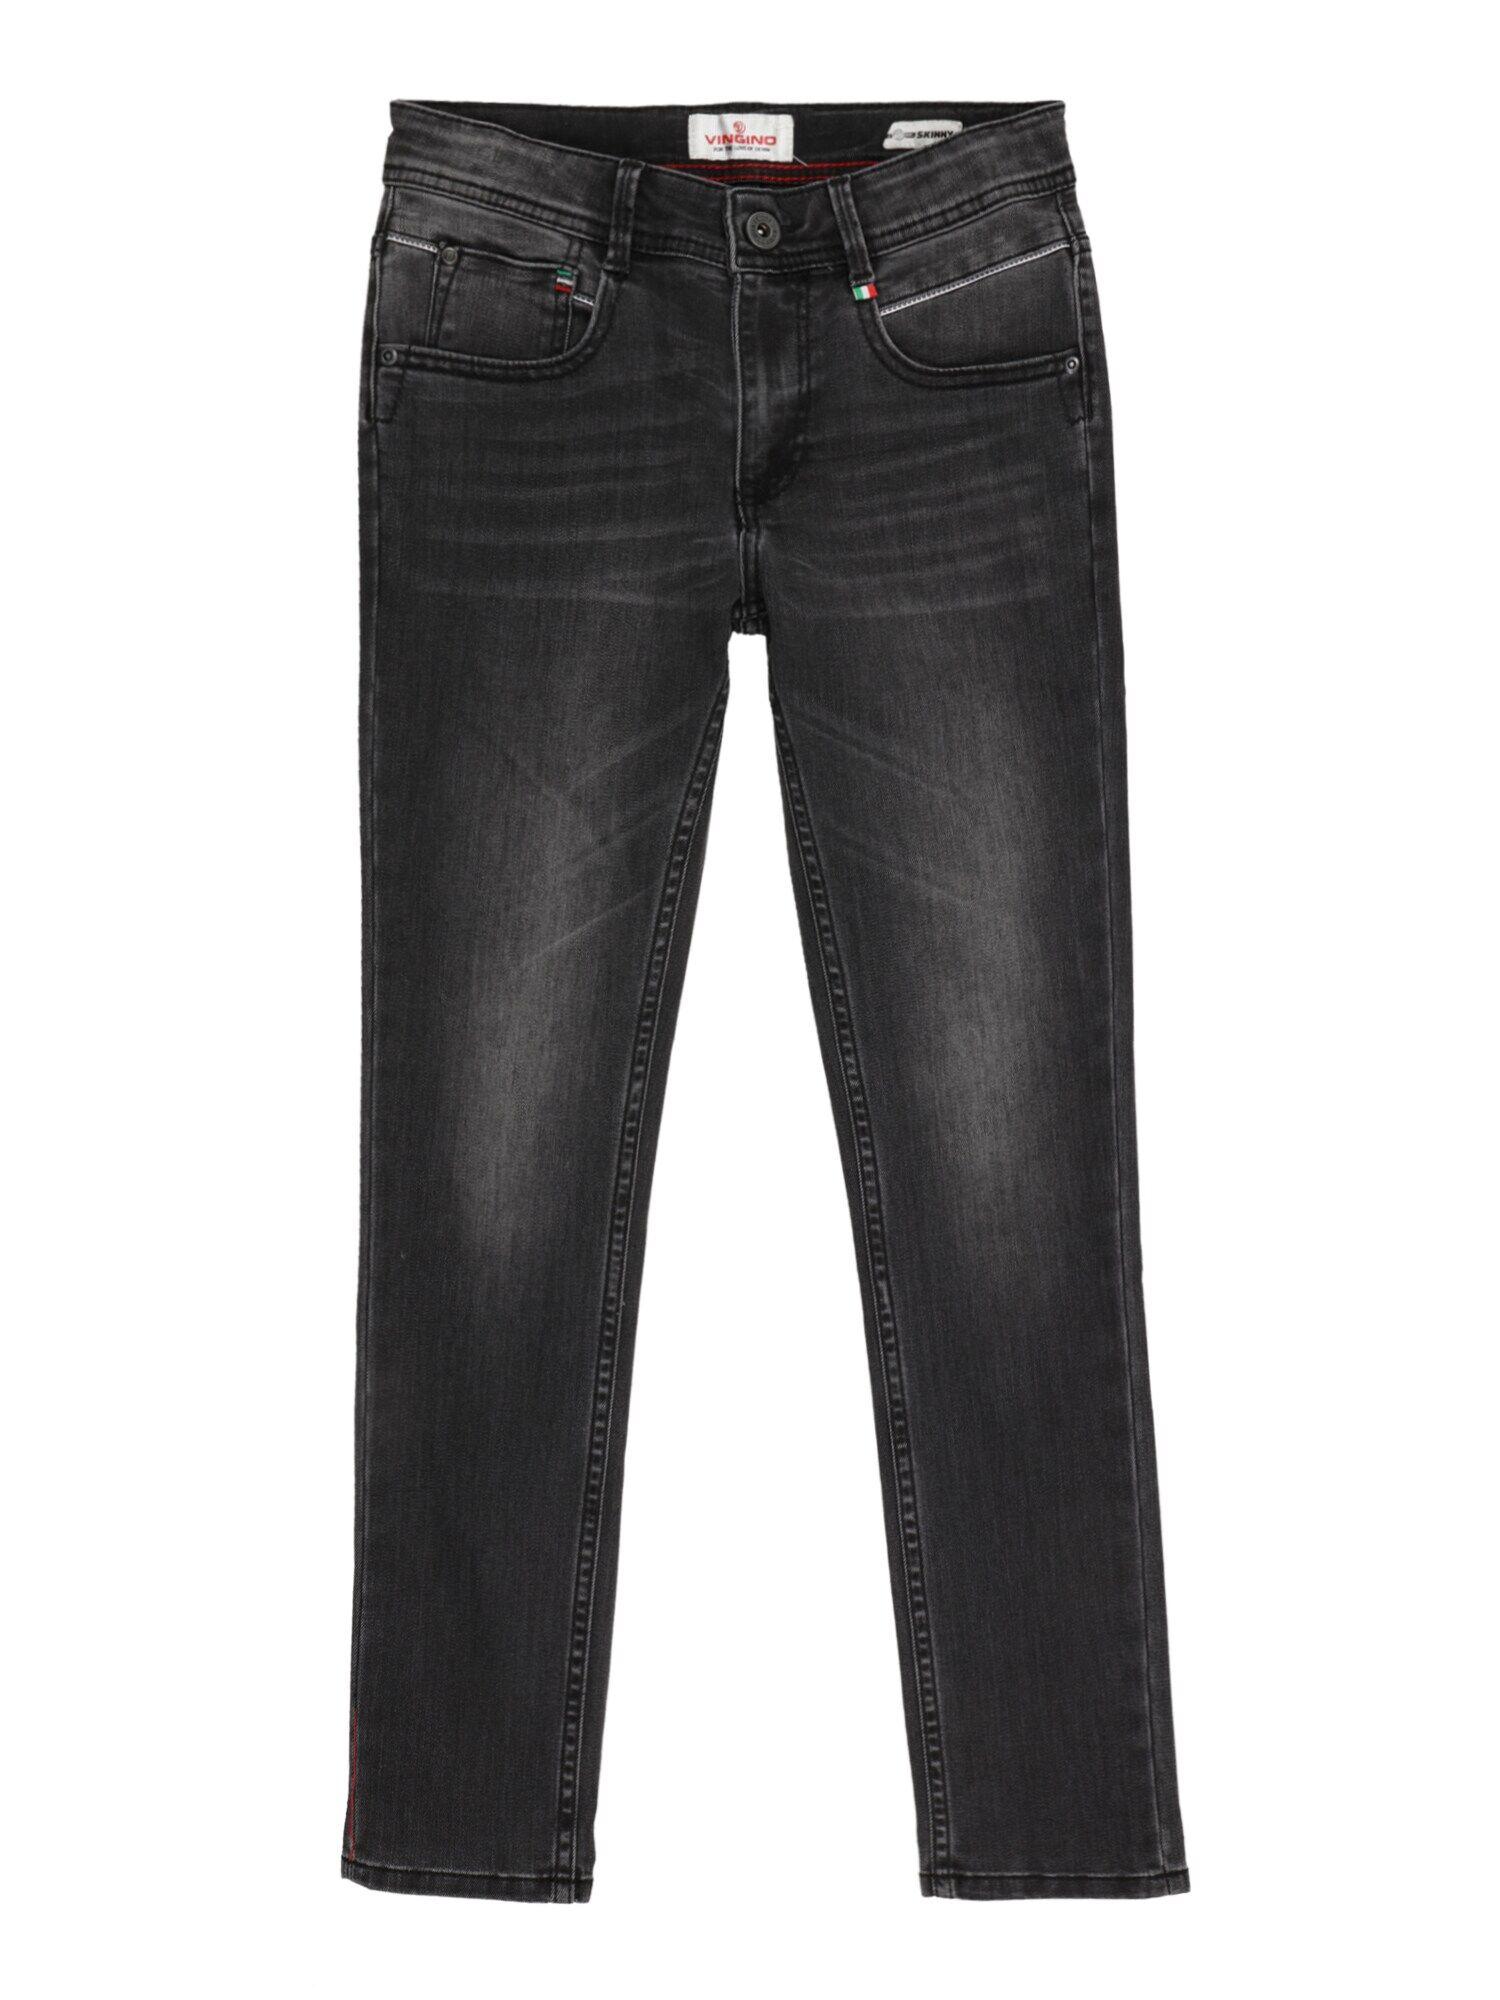 VINGINO Jeans 'Adamo' Grigio